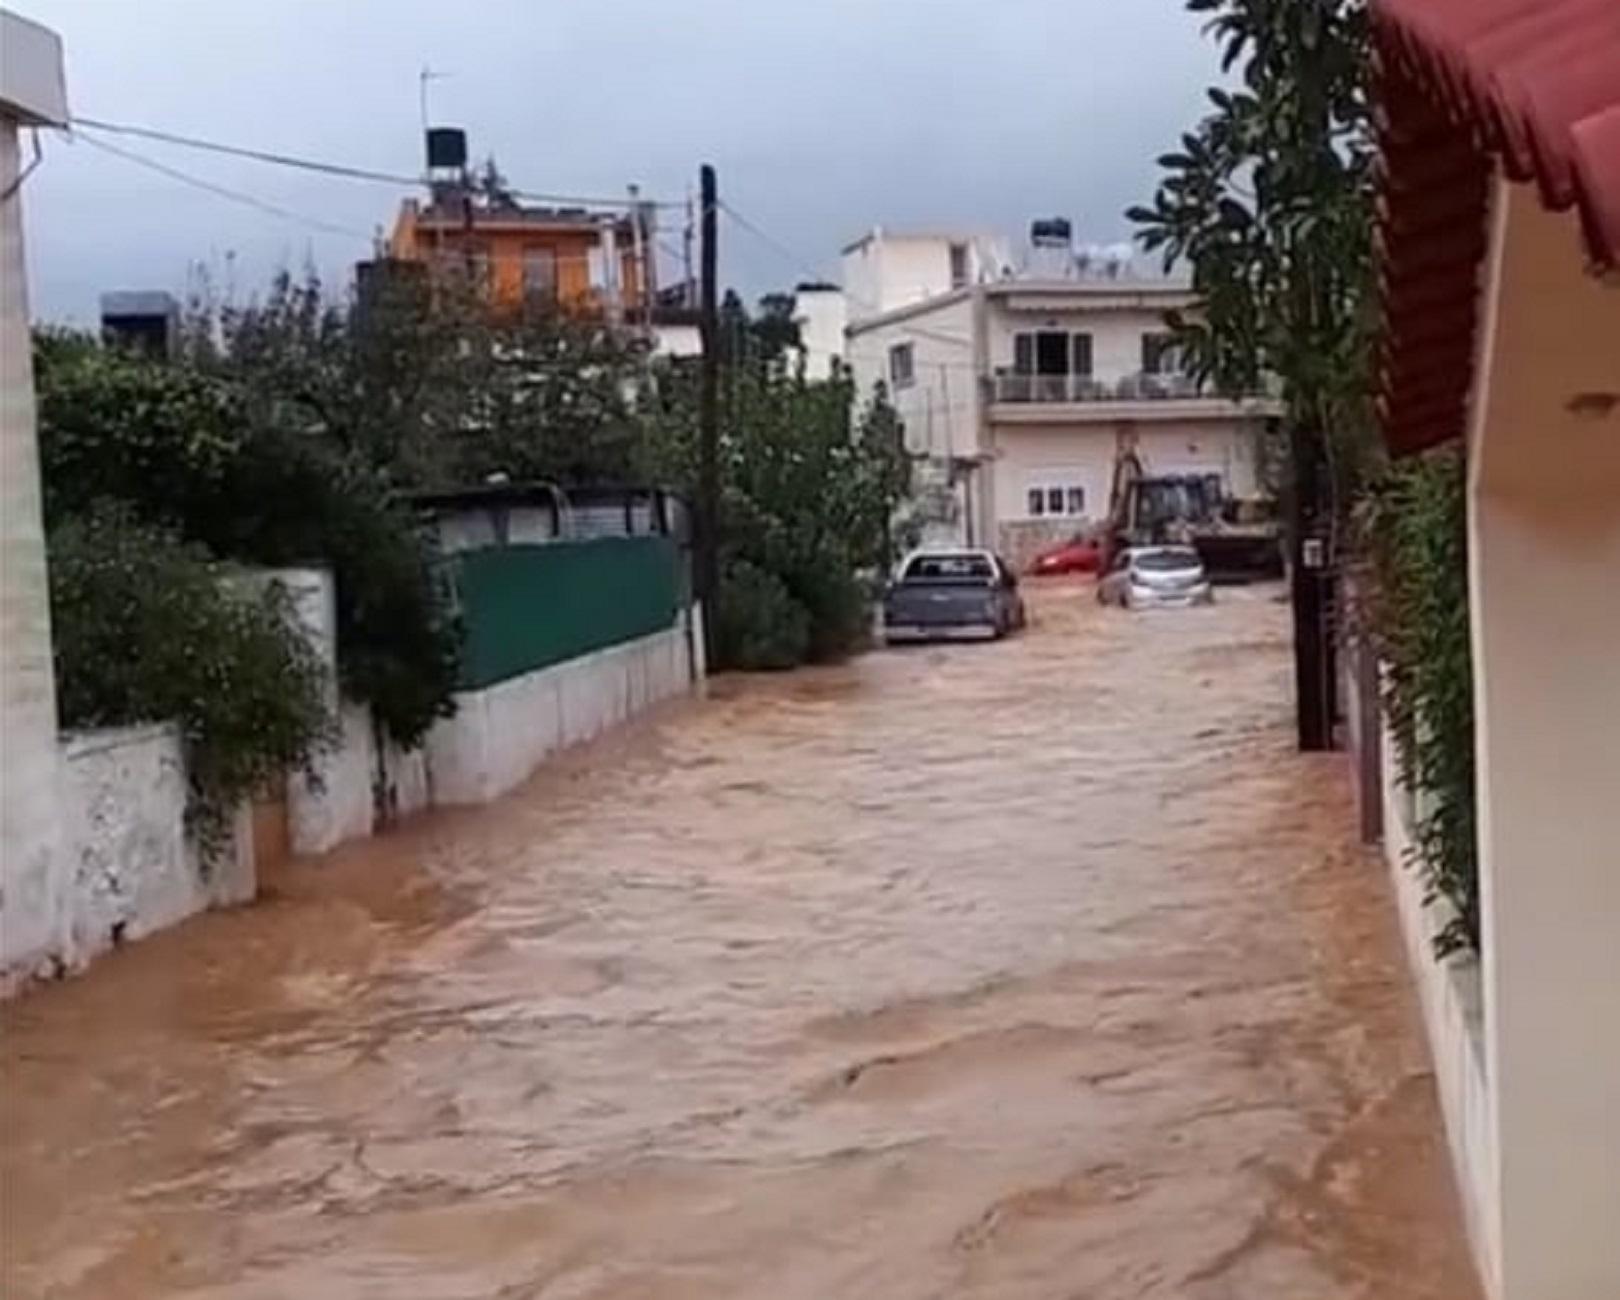 Κρήτη: Lockdown με σαρωτικές πλημμύρες! Δραματικός απεγκλωβισμός ιερέα από αυτοκίνητο (Φωτό και Βίντεο)